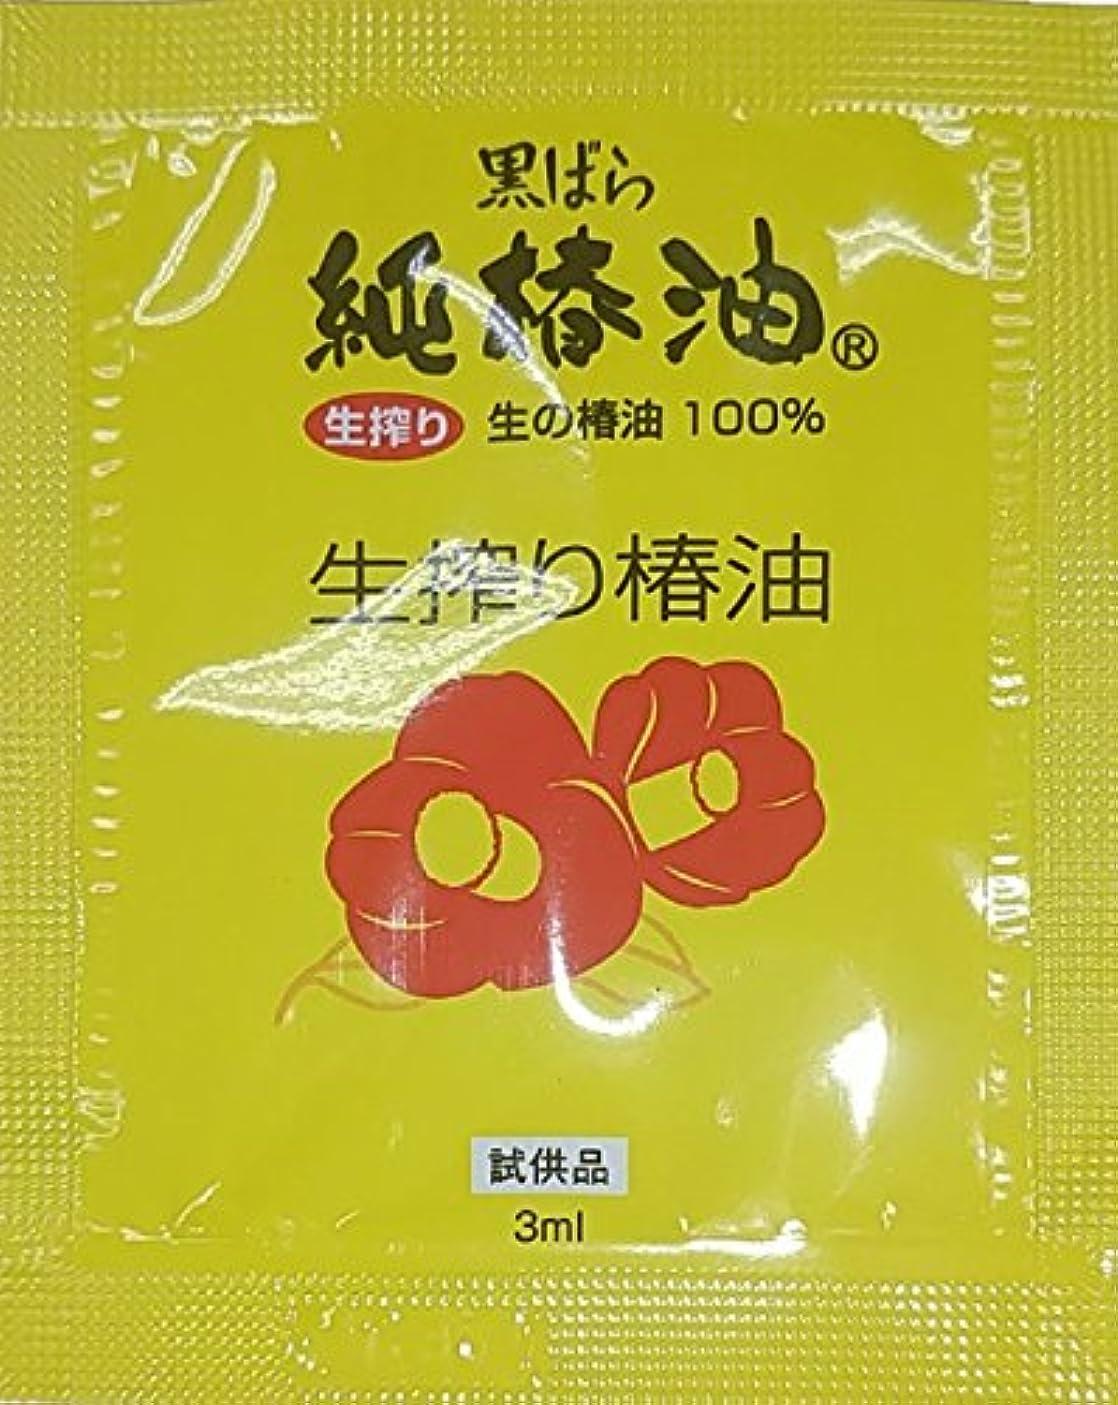 登るブロックする公式純椿油ミニサイズ3ml【実質無料サンプルストア対象】